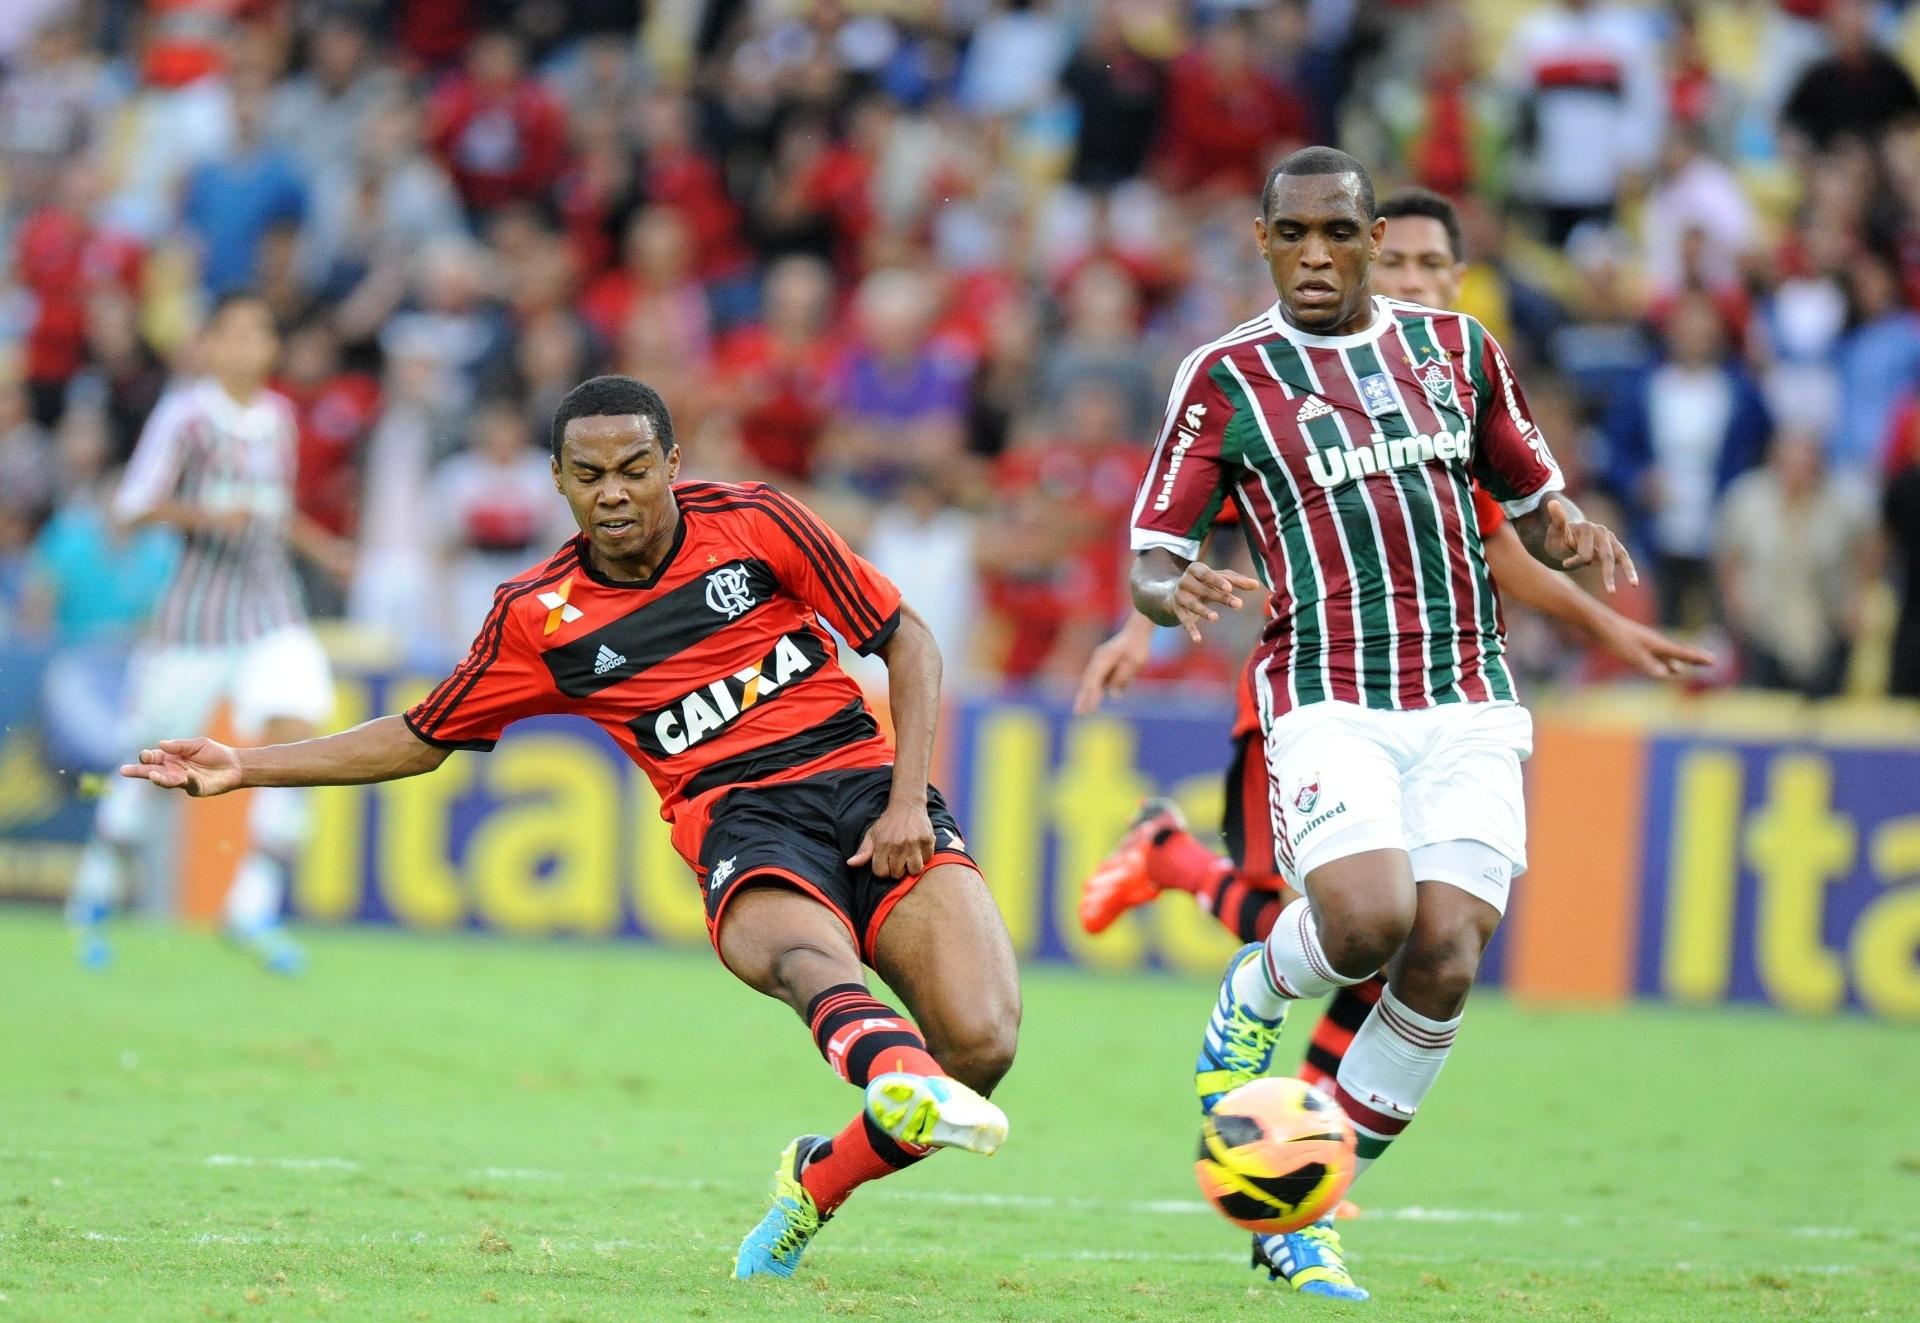 11.08.2013 - Elias, volante do Flamengo, bate na saída do goleiro Diego Cavalieri para marcar o primeiro gol de sua equipe no clássico